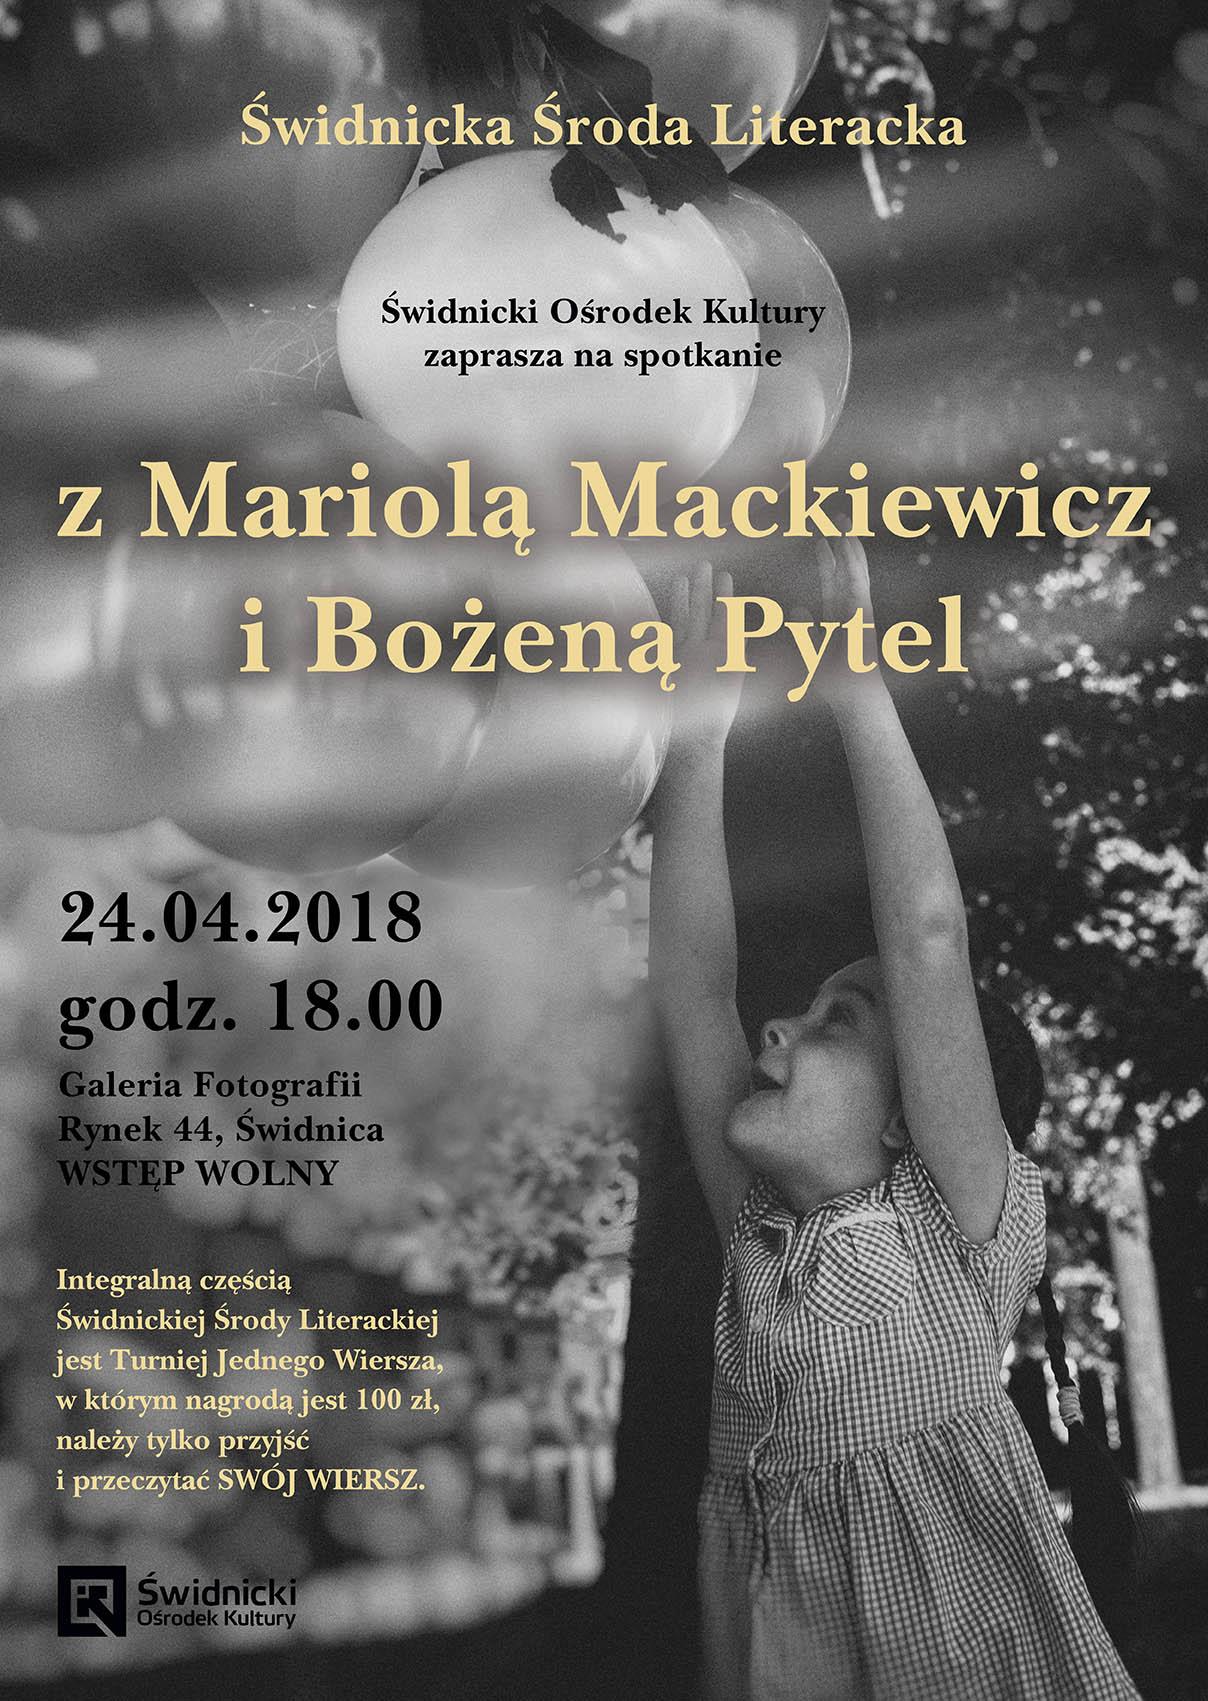 świdnicka środa Literacka Mariola Mackiewicz I Bożena